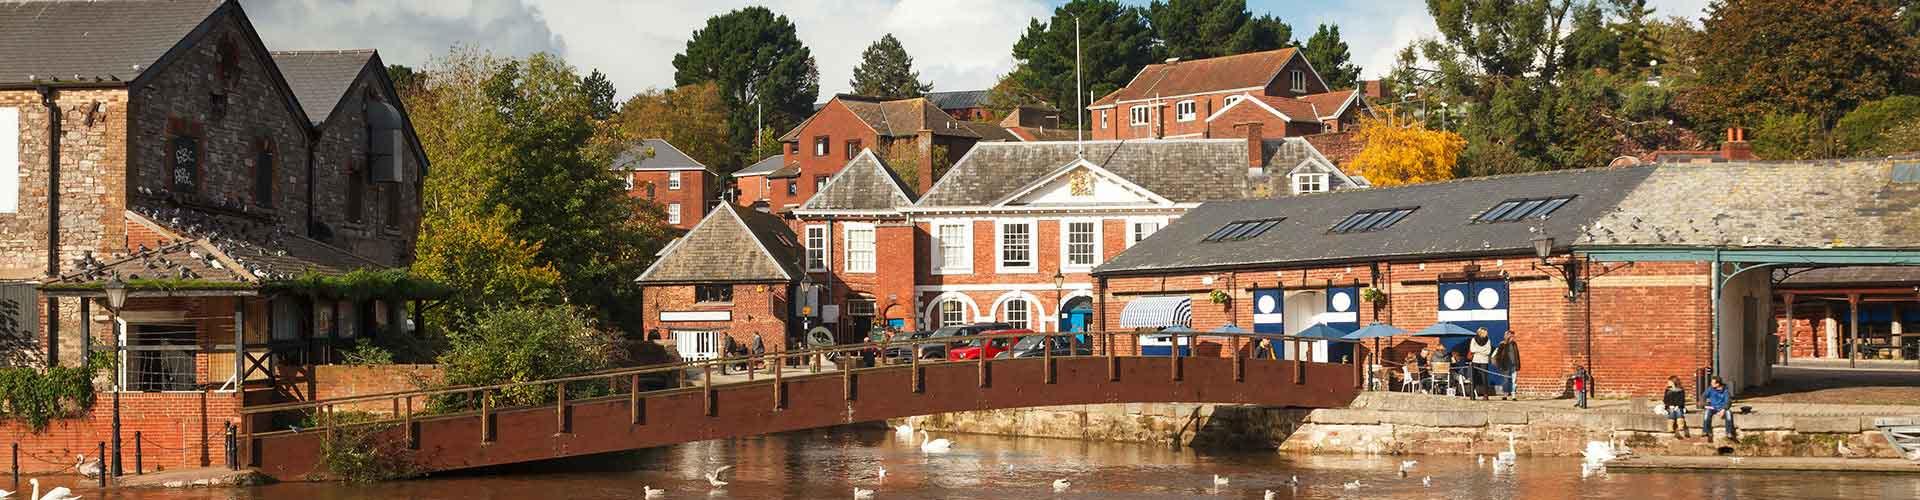 Exeter - Hostales en Exeter. Mapas de Exeter, Fotos y comentarios de cada Hostal en Exeter.